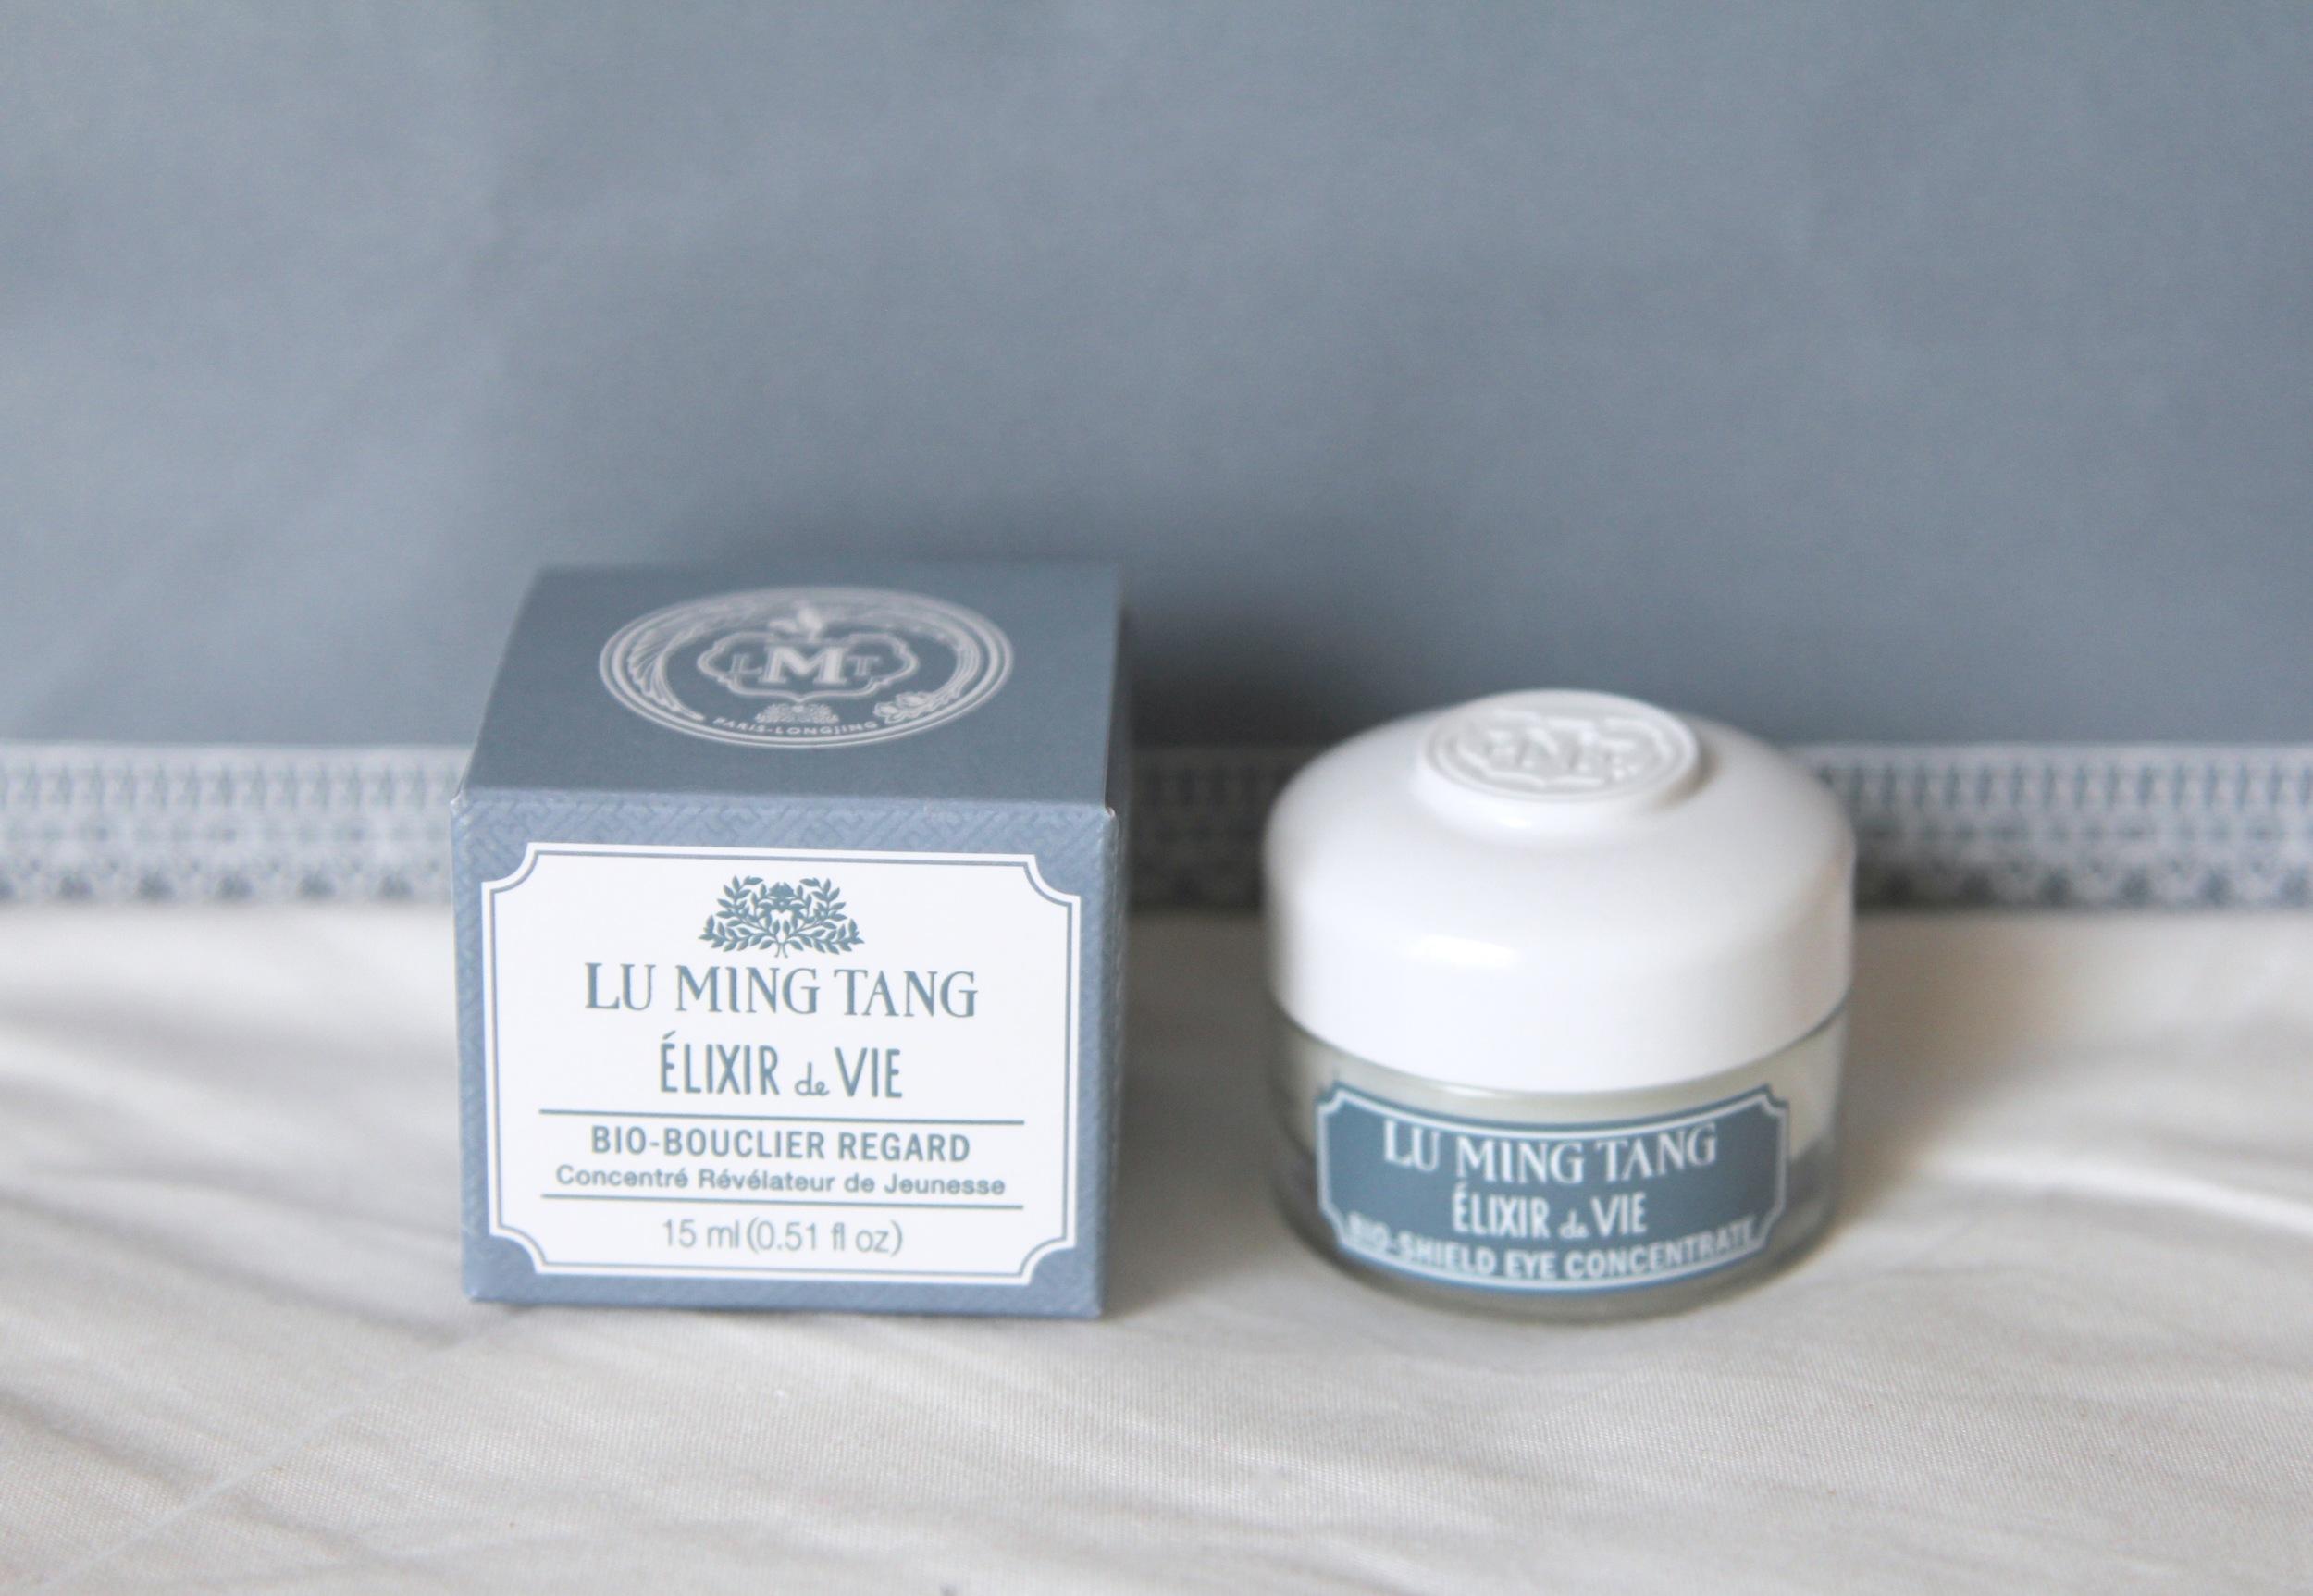 The beautiful packaging of the Lu Ming Tang Elixir de Vie Bio Shield Eye Concentrate